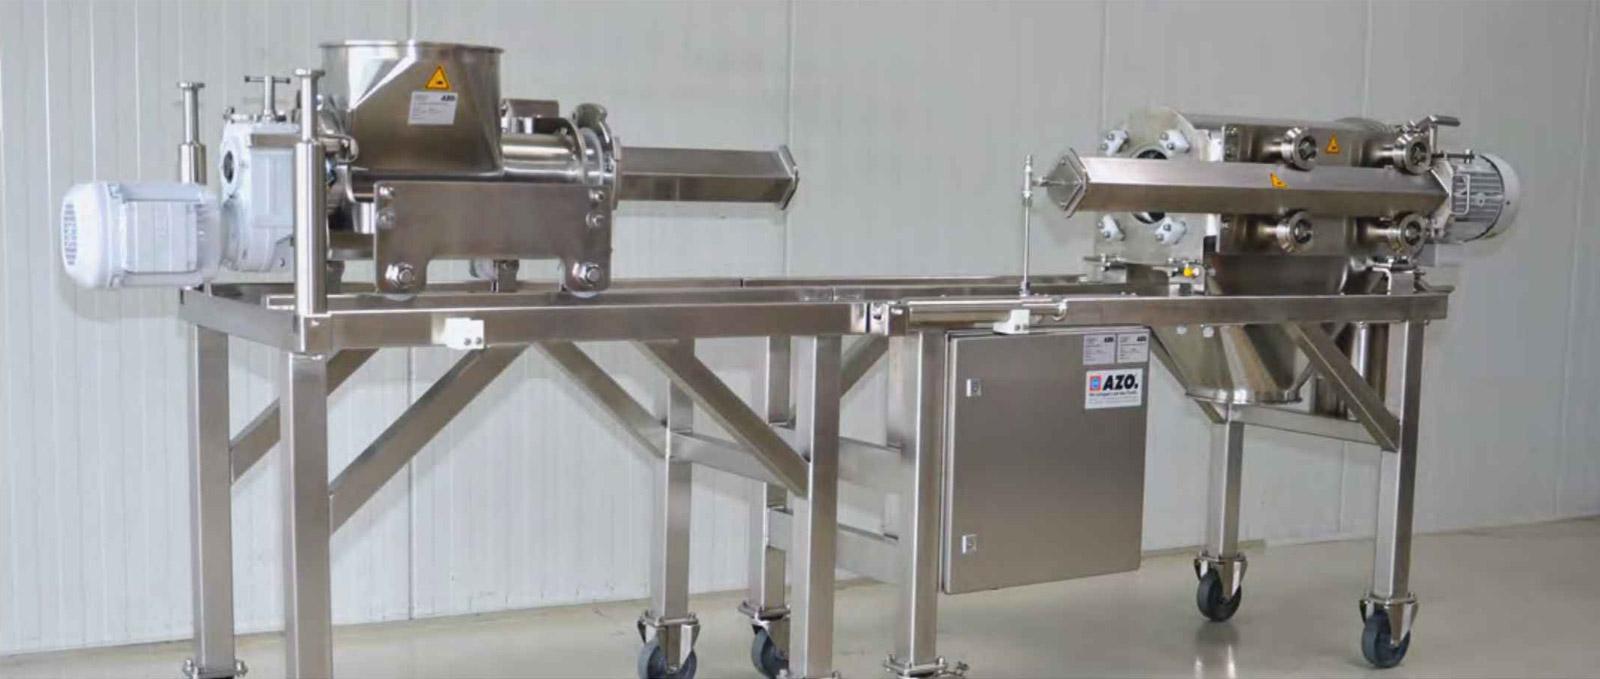 Оборудование для автоматизации, вихревой просеиватель AZO модель DA650 Vario